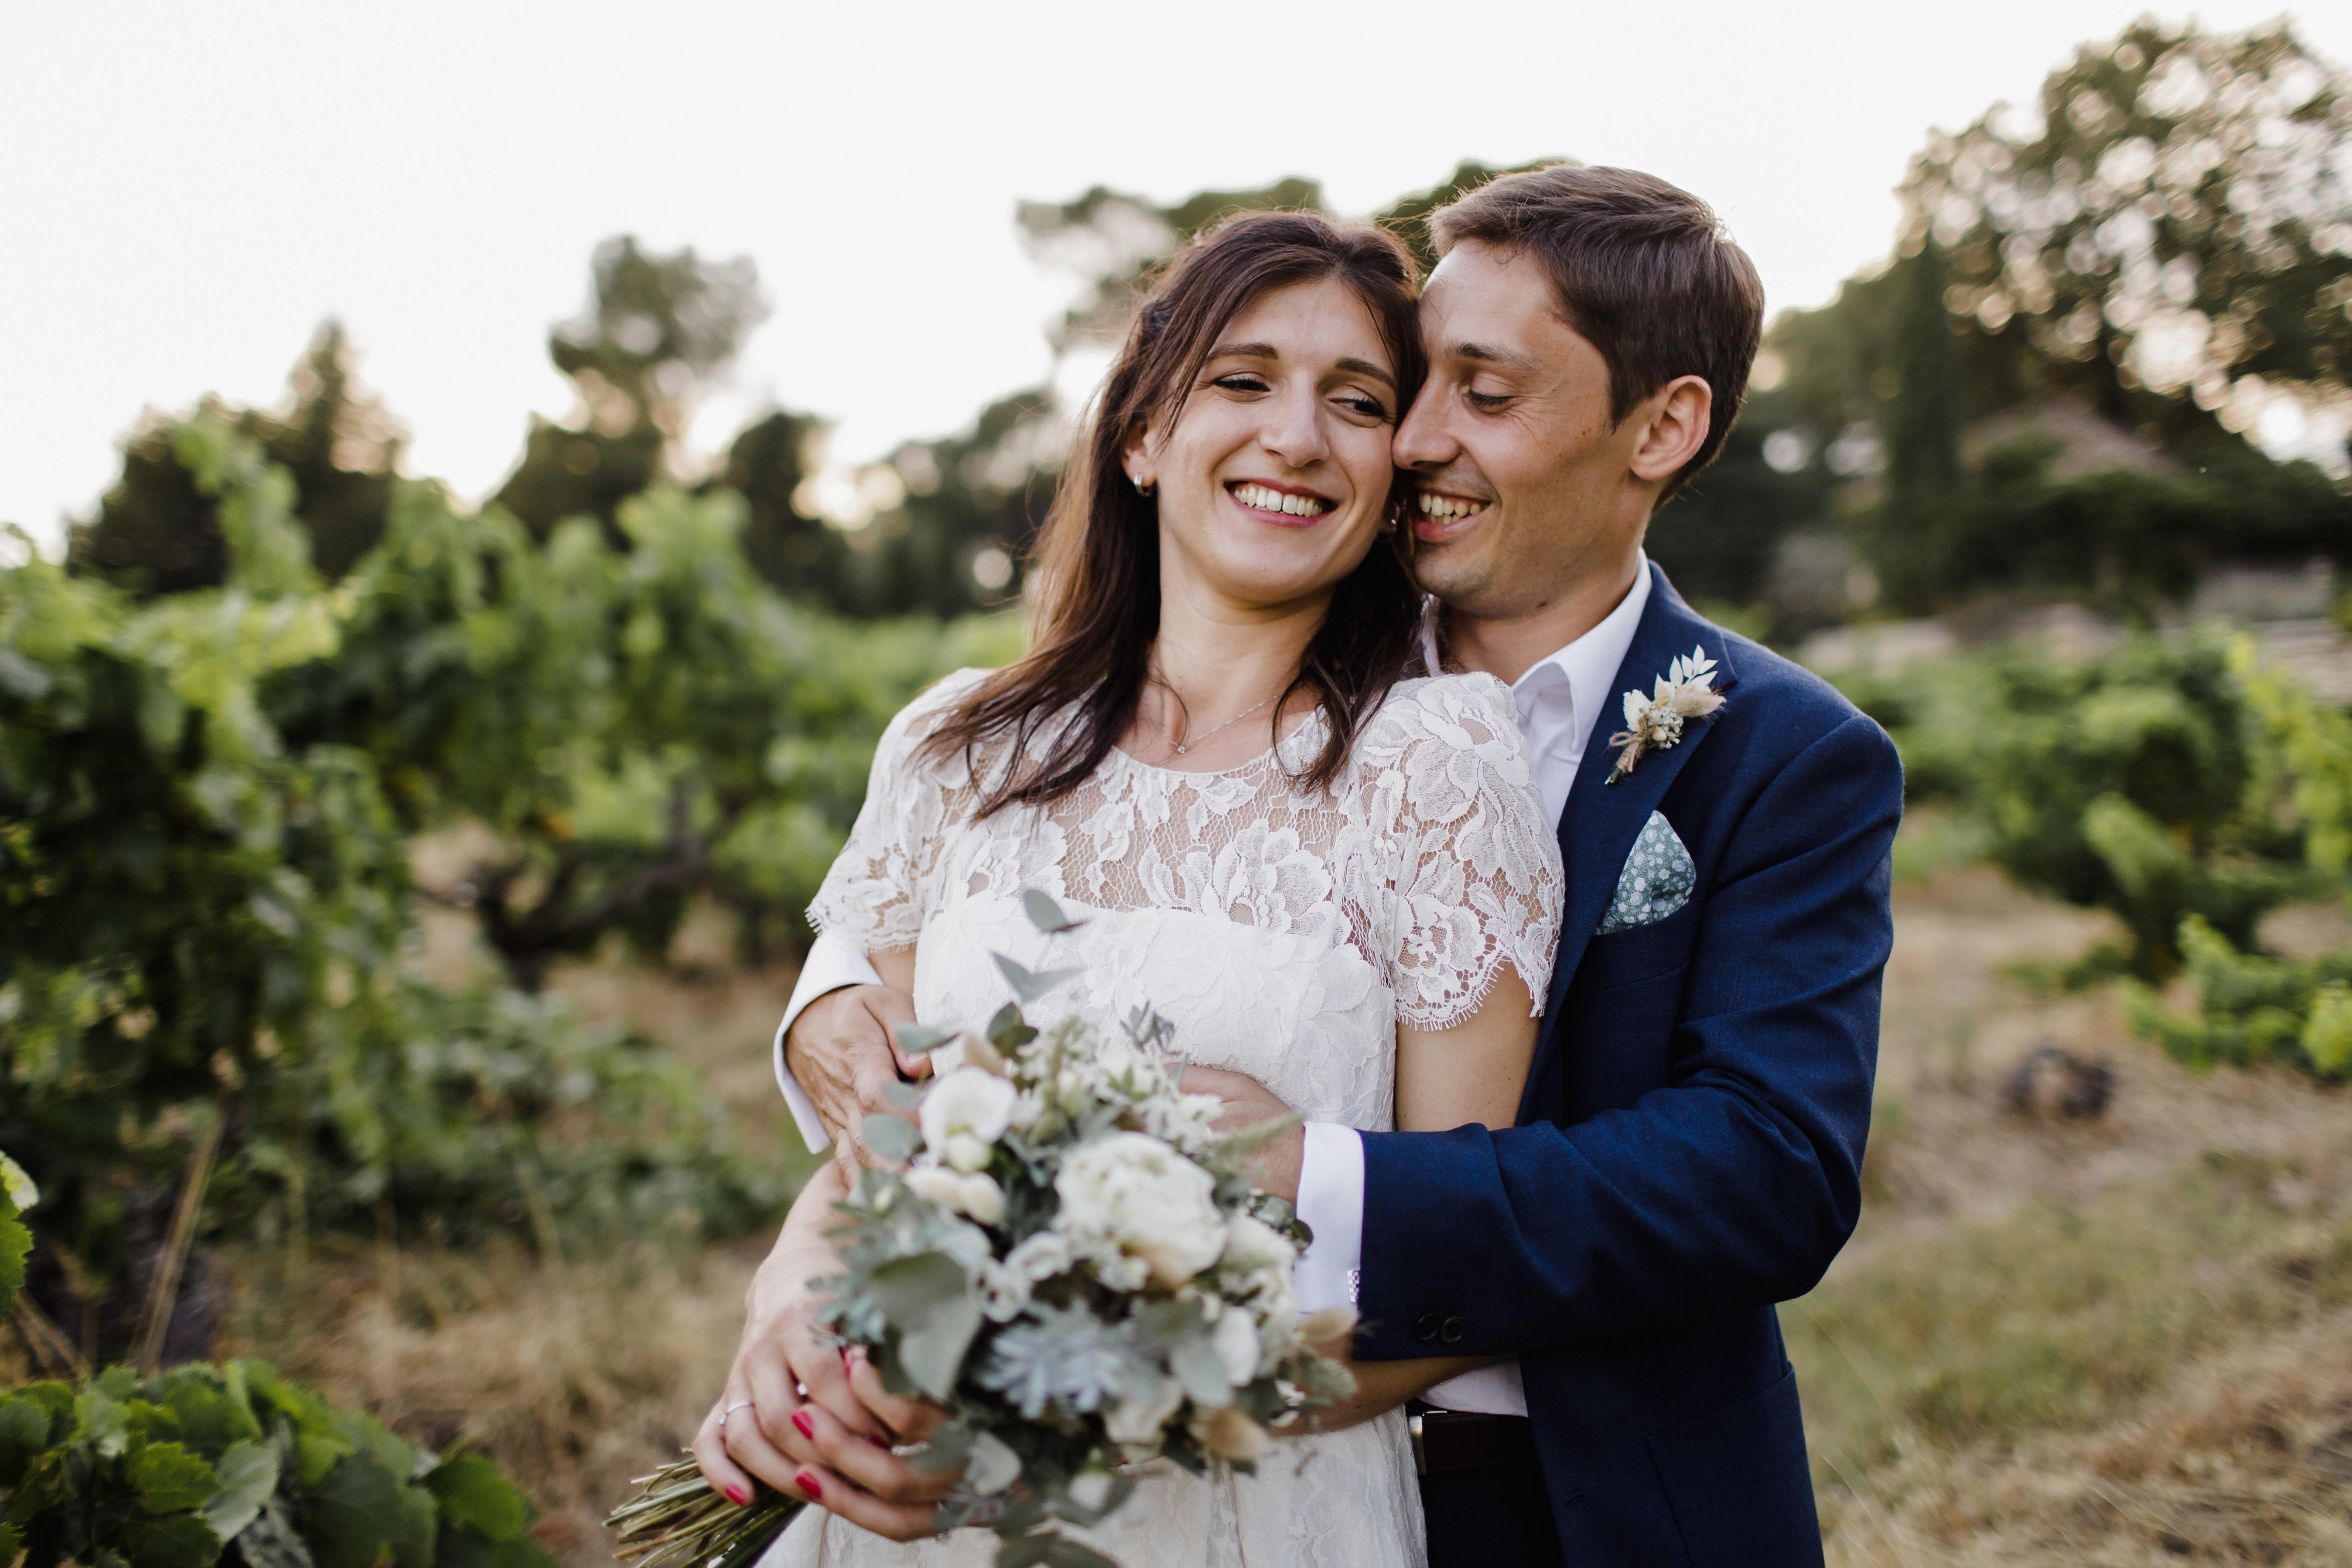 4-ChristelleGilles-MadameCoquelicot-Wedding-planner-10